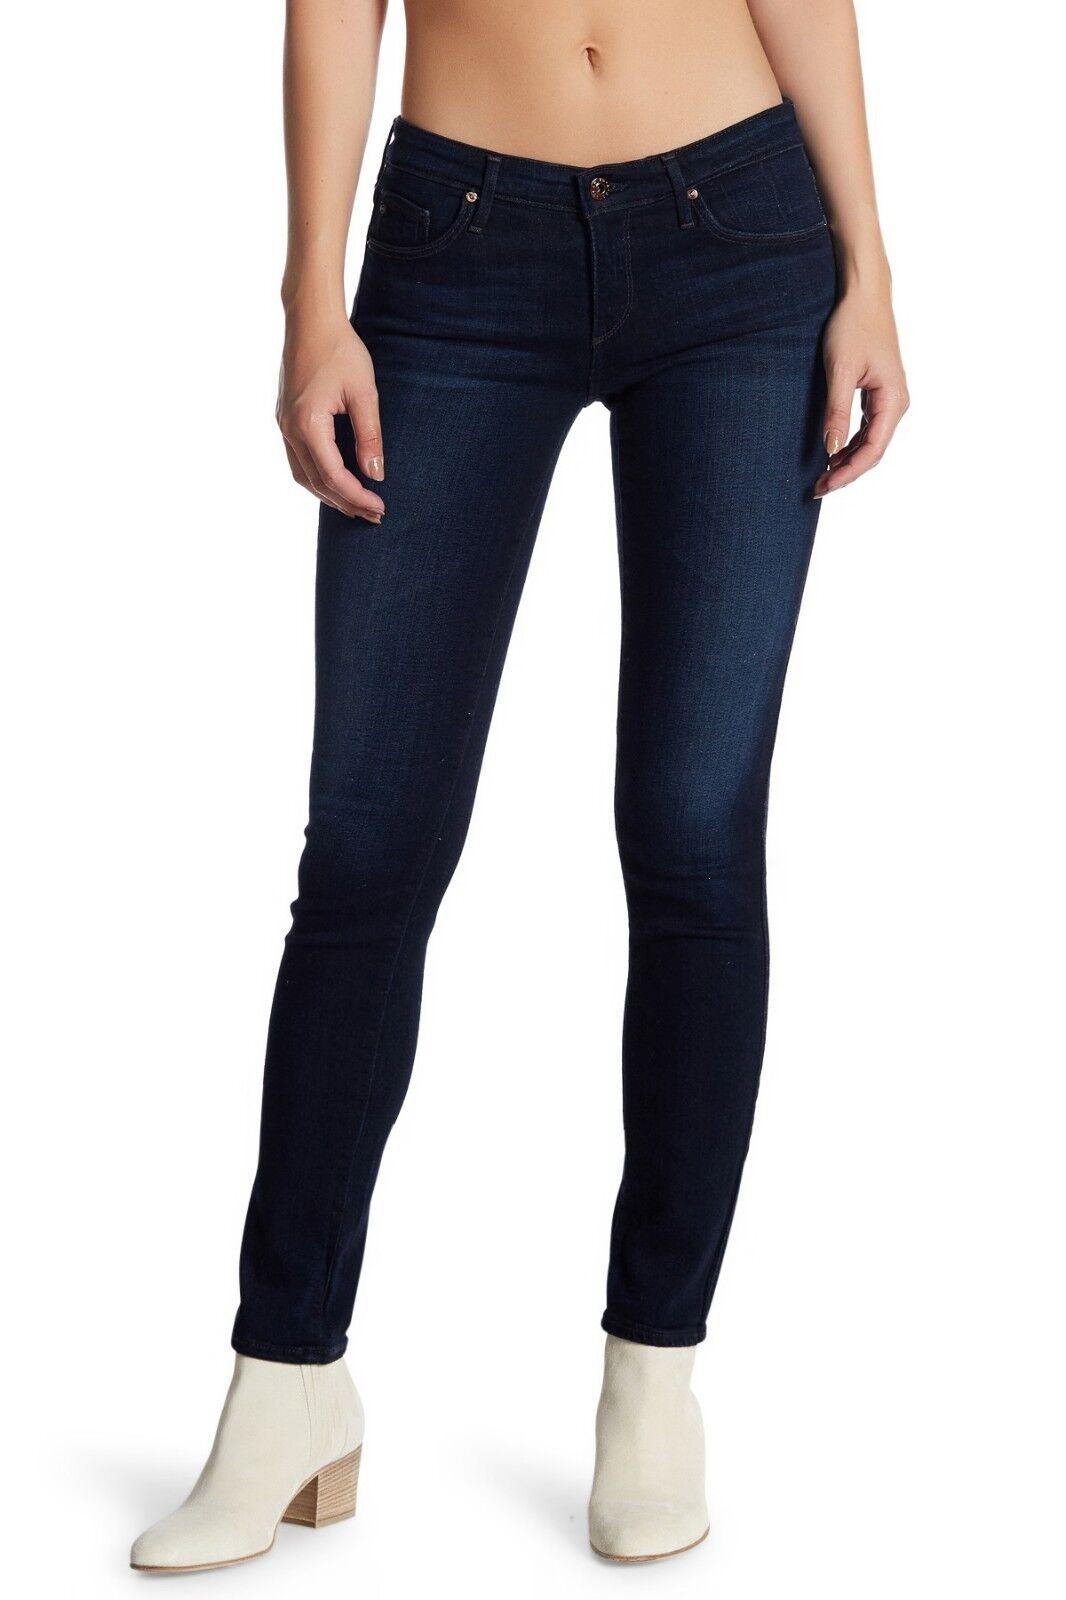 188 NWT AG Adriano goldschmied Stilt Cigarette sz 31 DARK Skinny Jeans JET SET